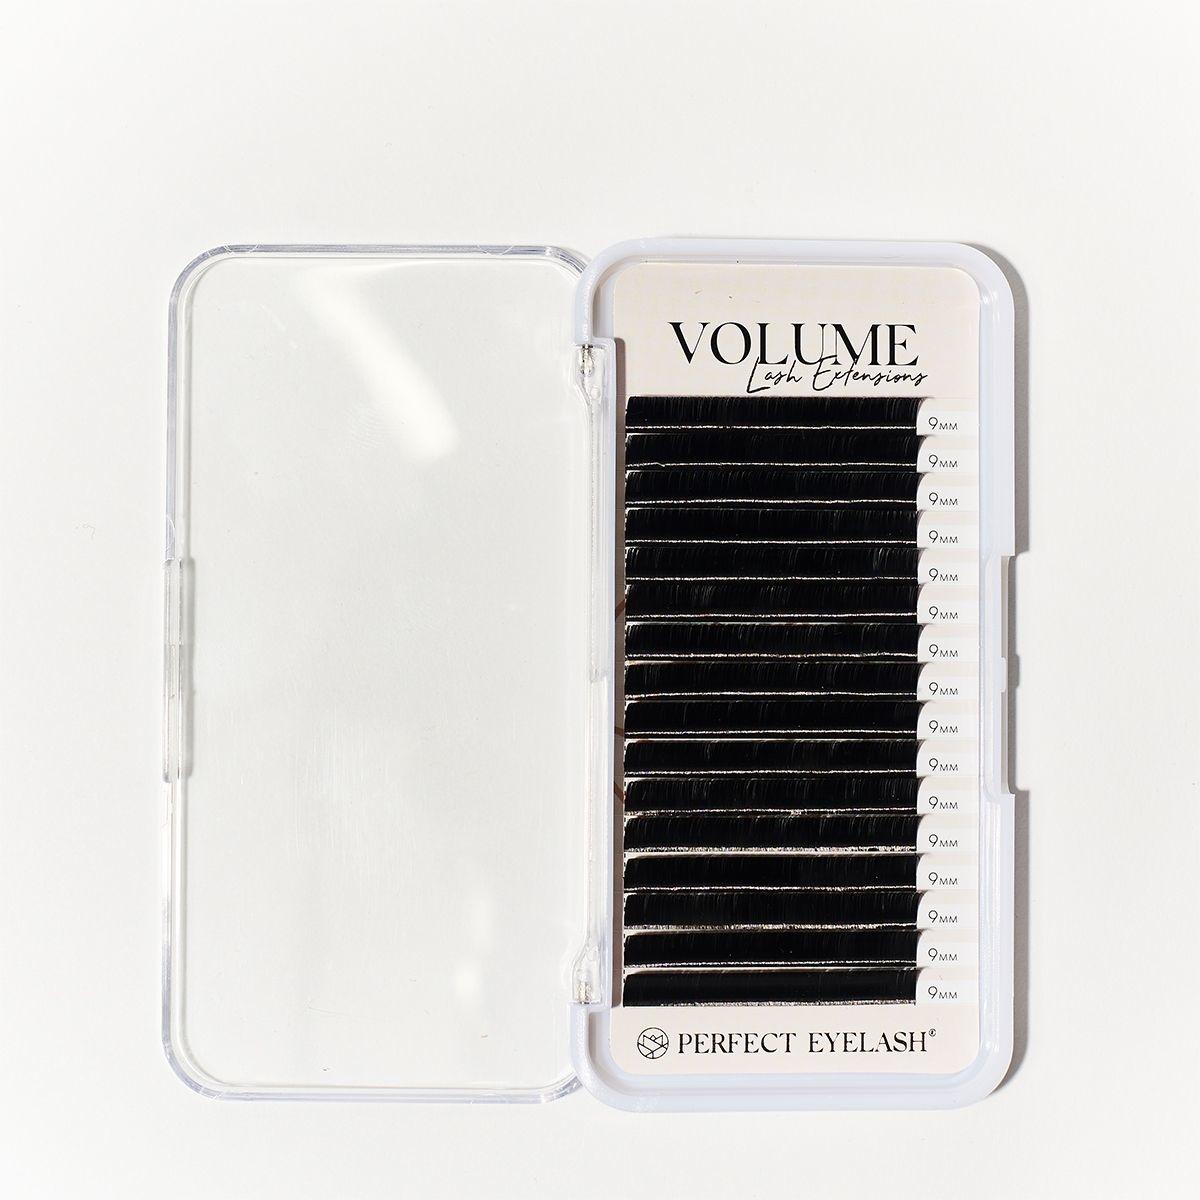 Volume Lashes - Perfect Eyelash-2